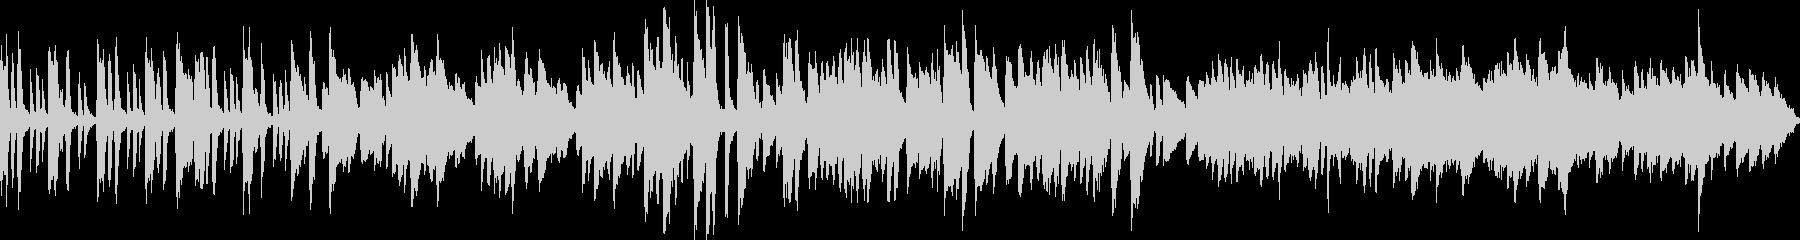 ピアノ演奏(ループ)あつ森風・軽快・冒険の未再生の波形